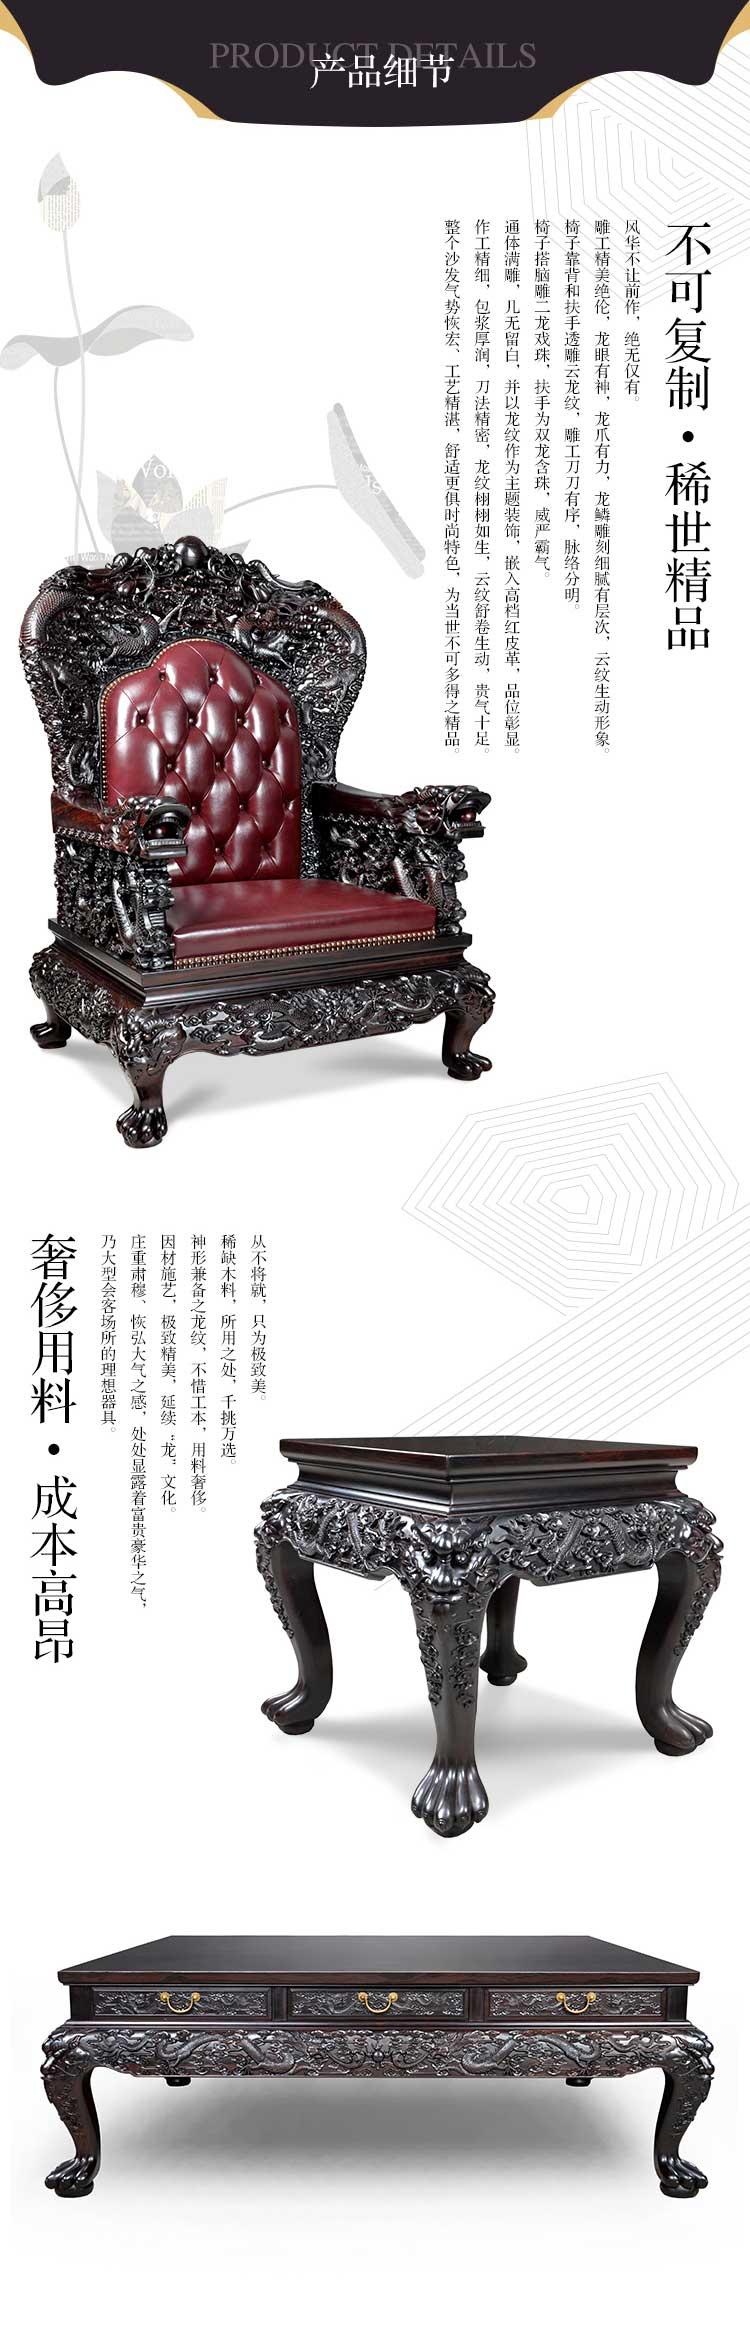 泰和园《雕龙沙发》.jpg